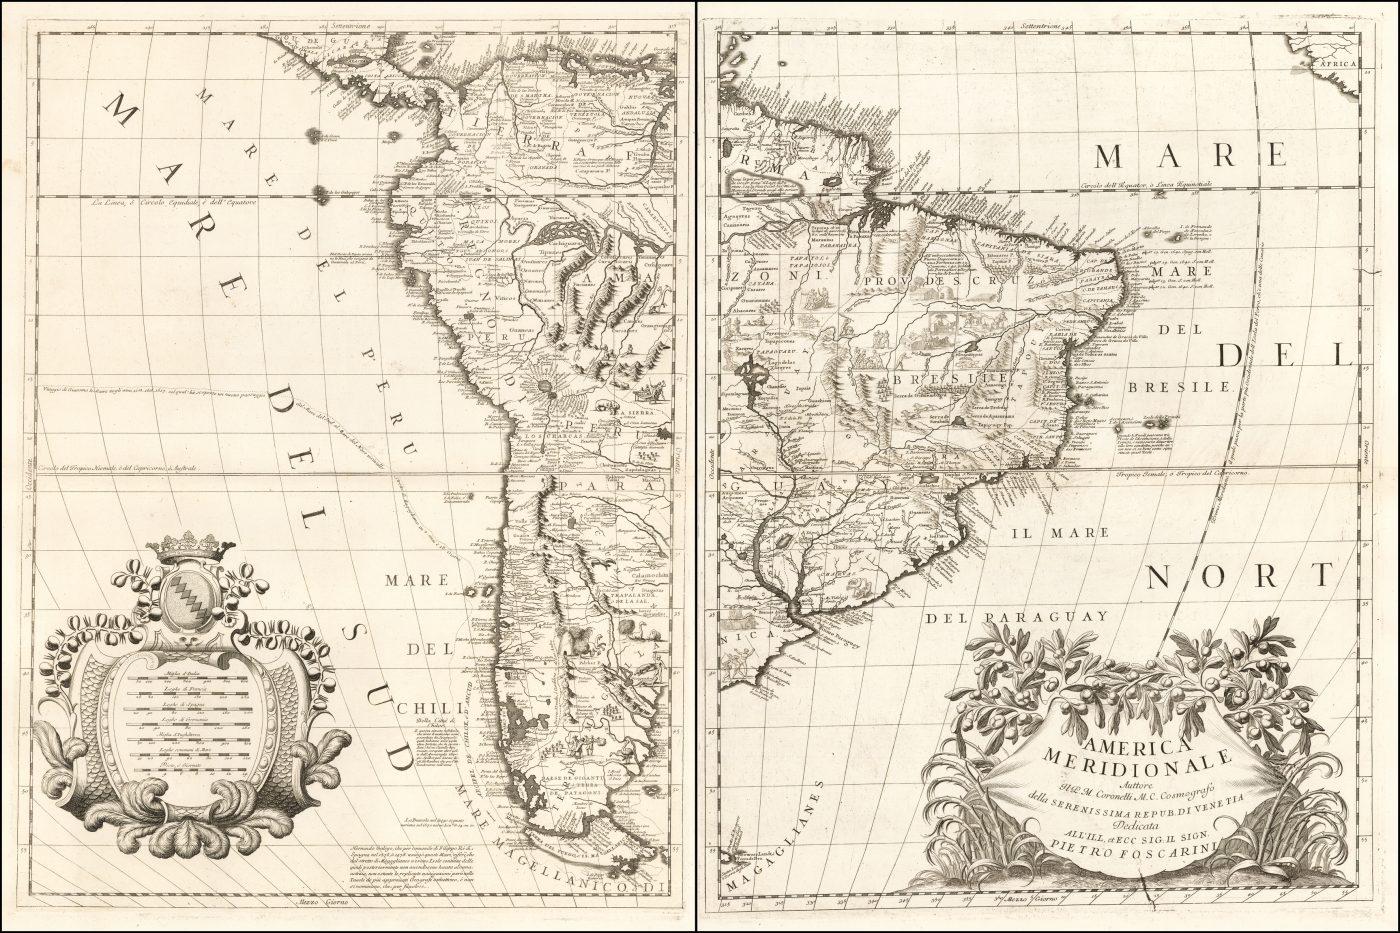 Яркий пример впечатляющей 2-листовой карты Южной Америки Коронелли, одной из самых влиятельных карт, опубликованной в конце 17 века